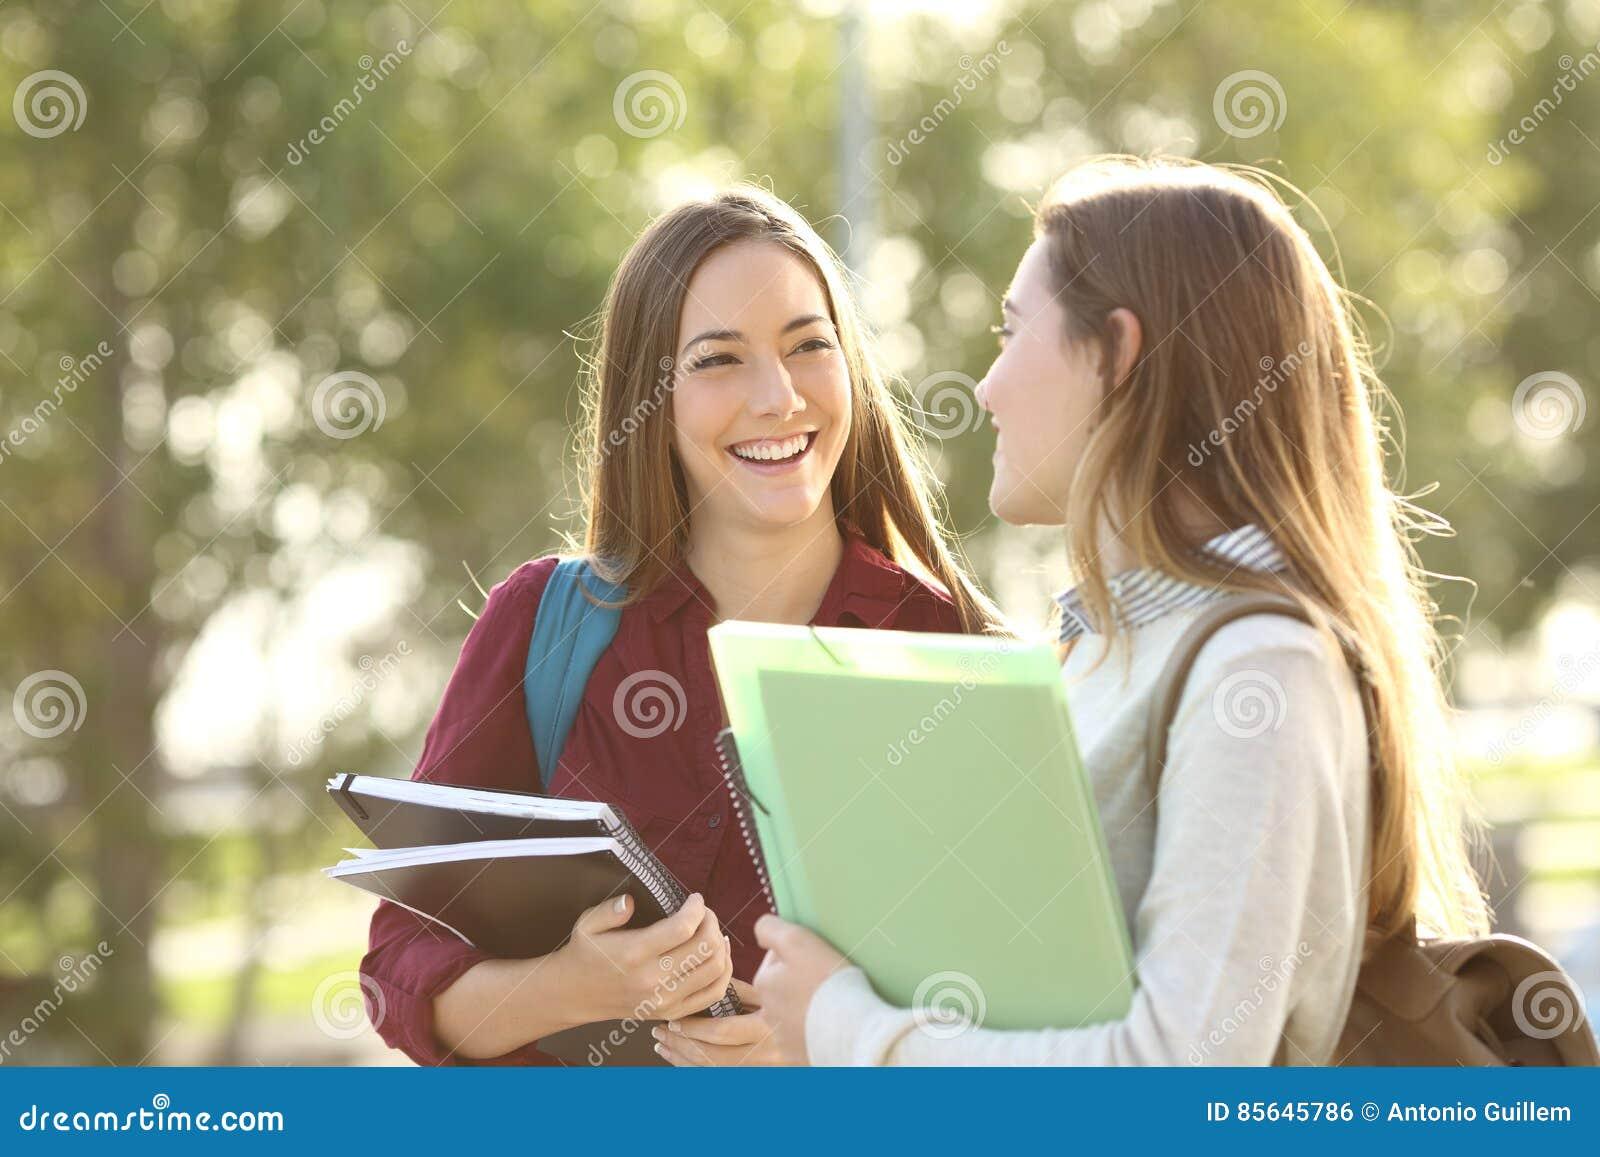 Studenten, die in einem Campus gehen und sprechen